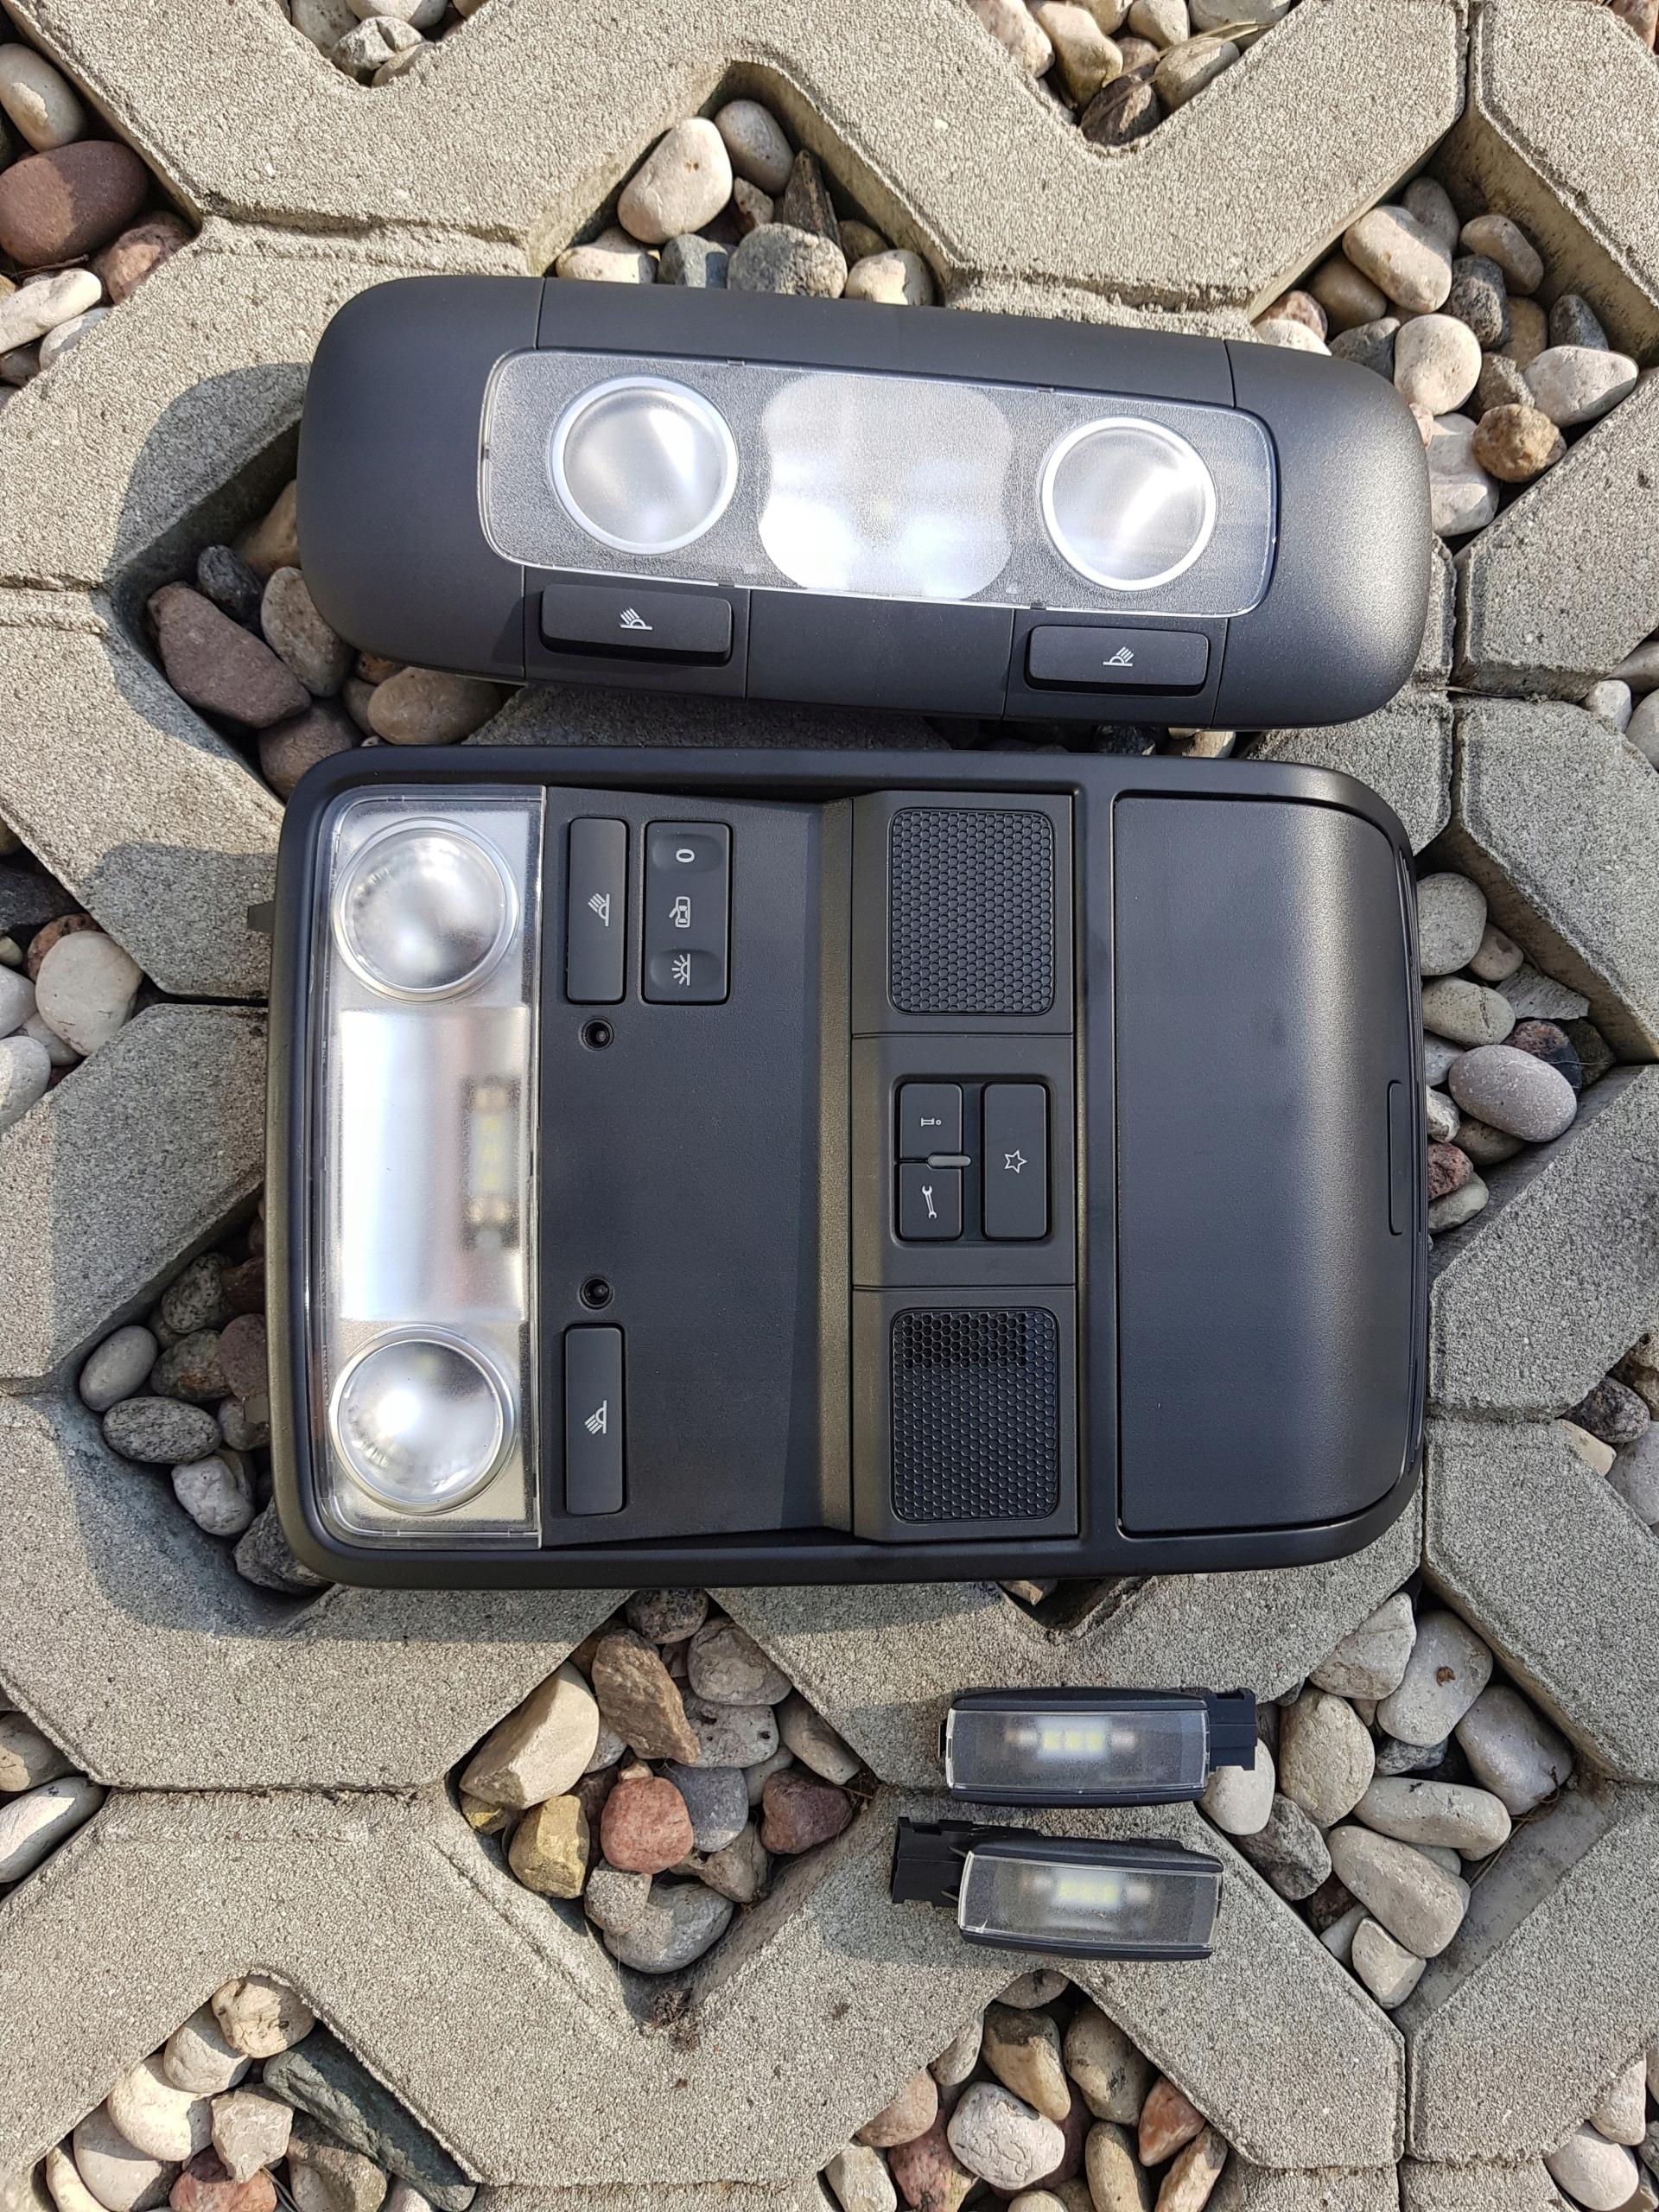 Lampki Oświetlenie Passat B7 B6 Cc Vw Golf Gti 7468031760